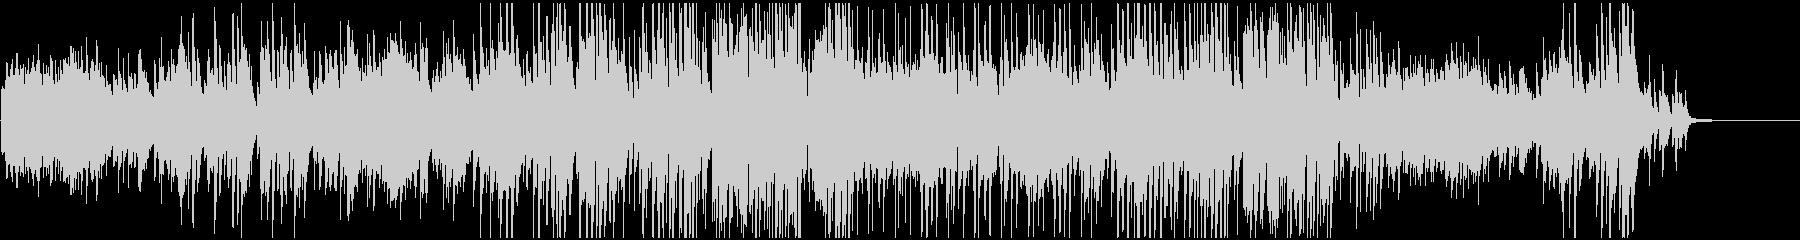 感動映像のためのジャズピアノトリオの未再生の波形